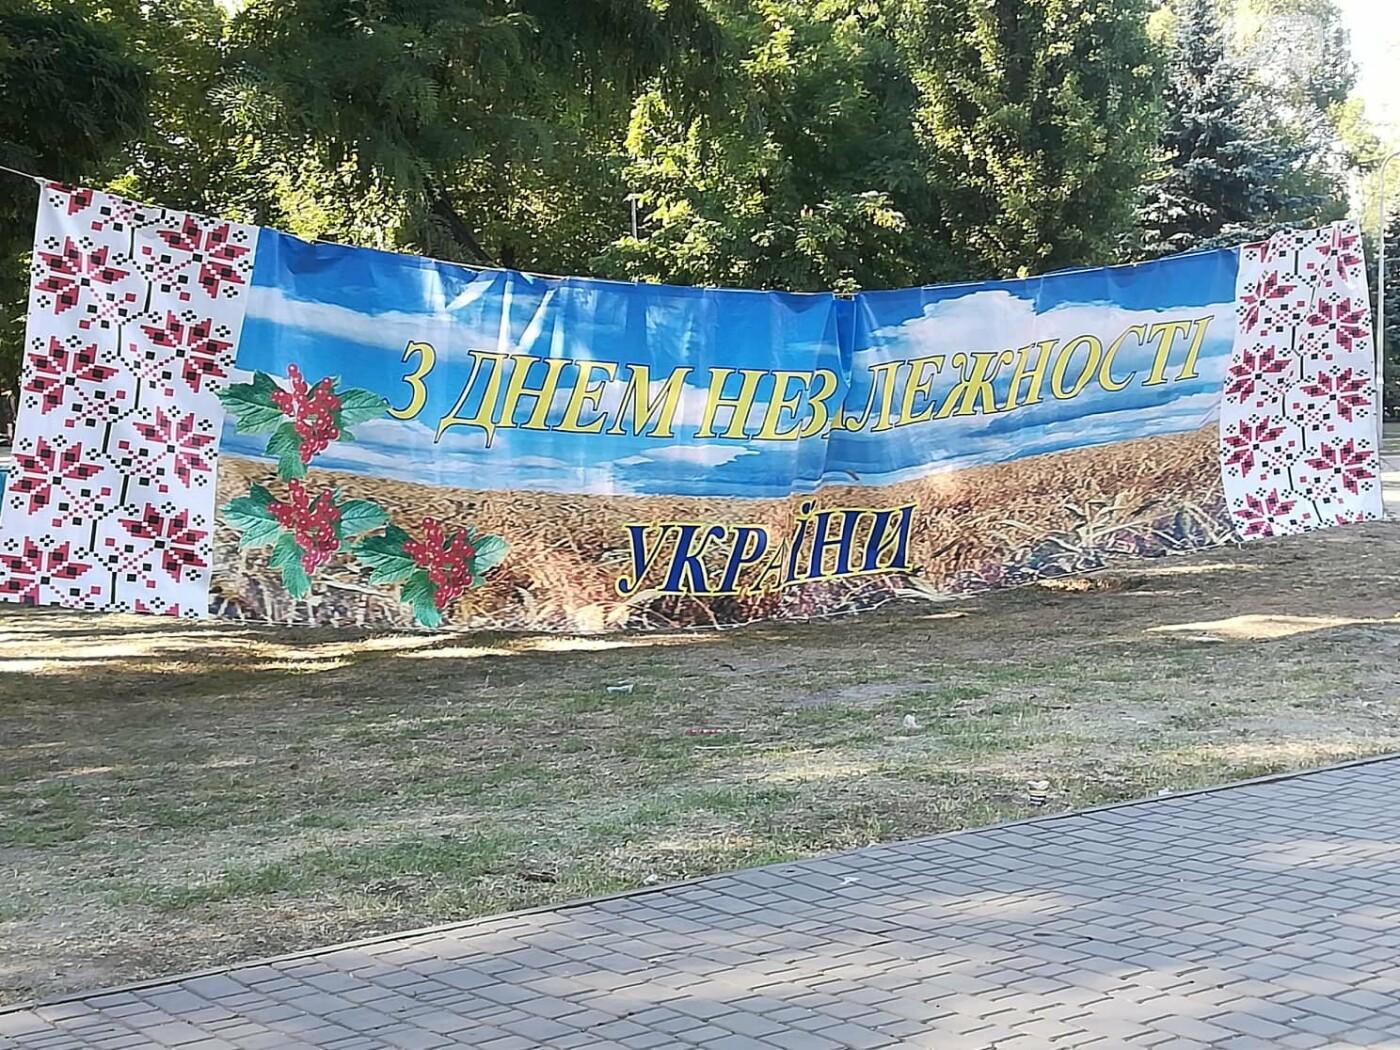 Мастер-классы, концерт и показательные выступления казаков, - как криворожане отмечают главный праздник страны в Долгинцевском районе, фото-17